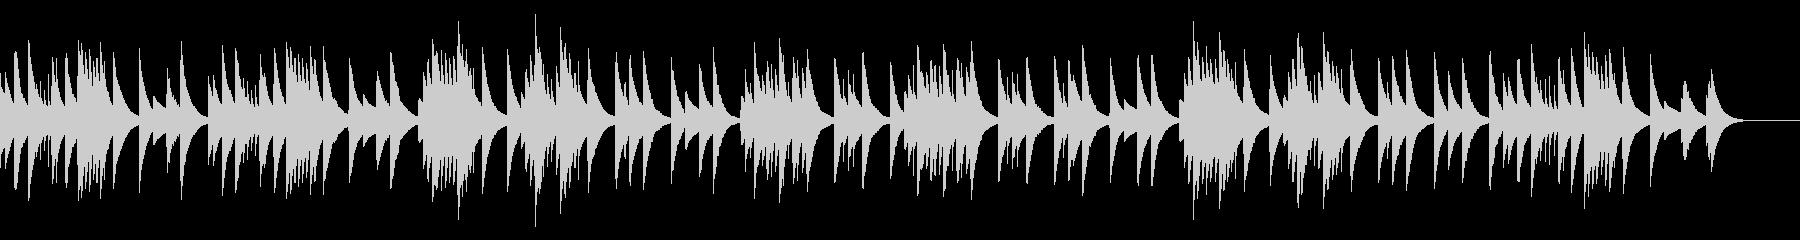 グノシエンヌ No.2_オルゴールverの未再生の波形